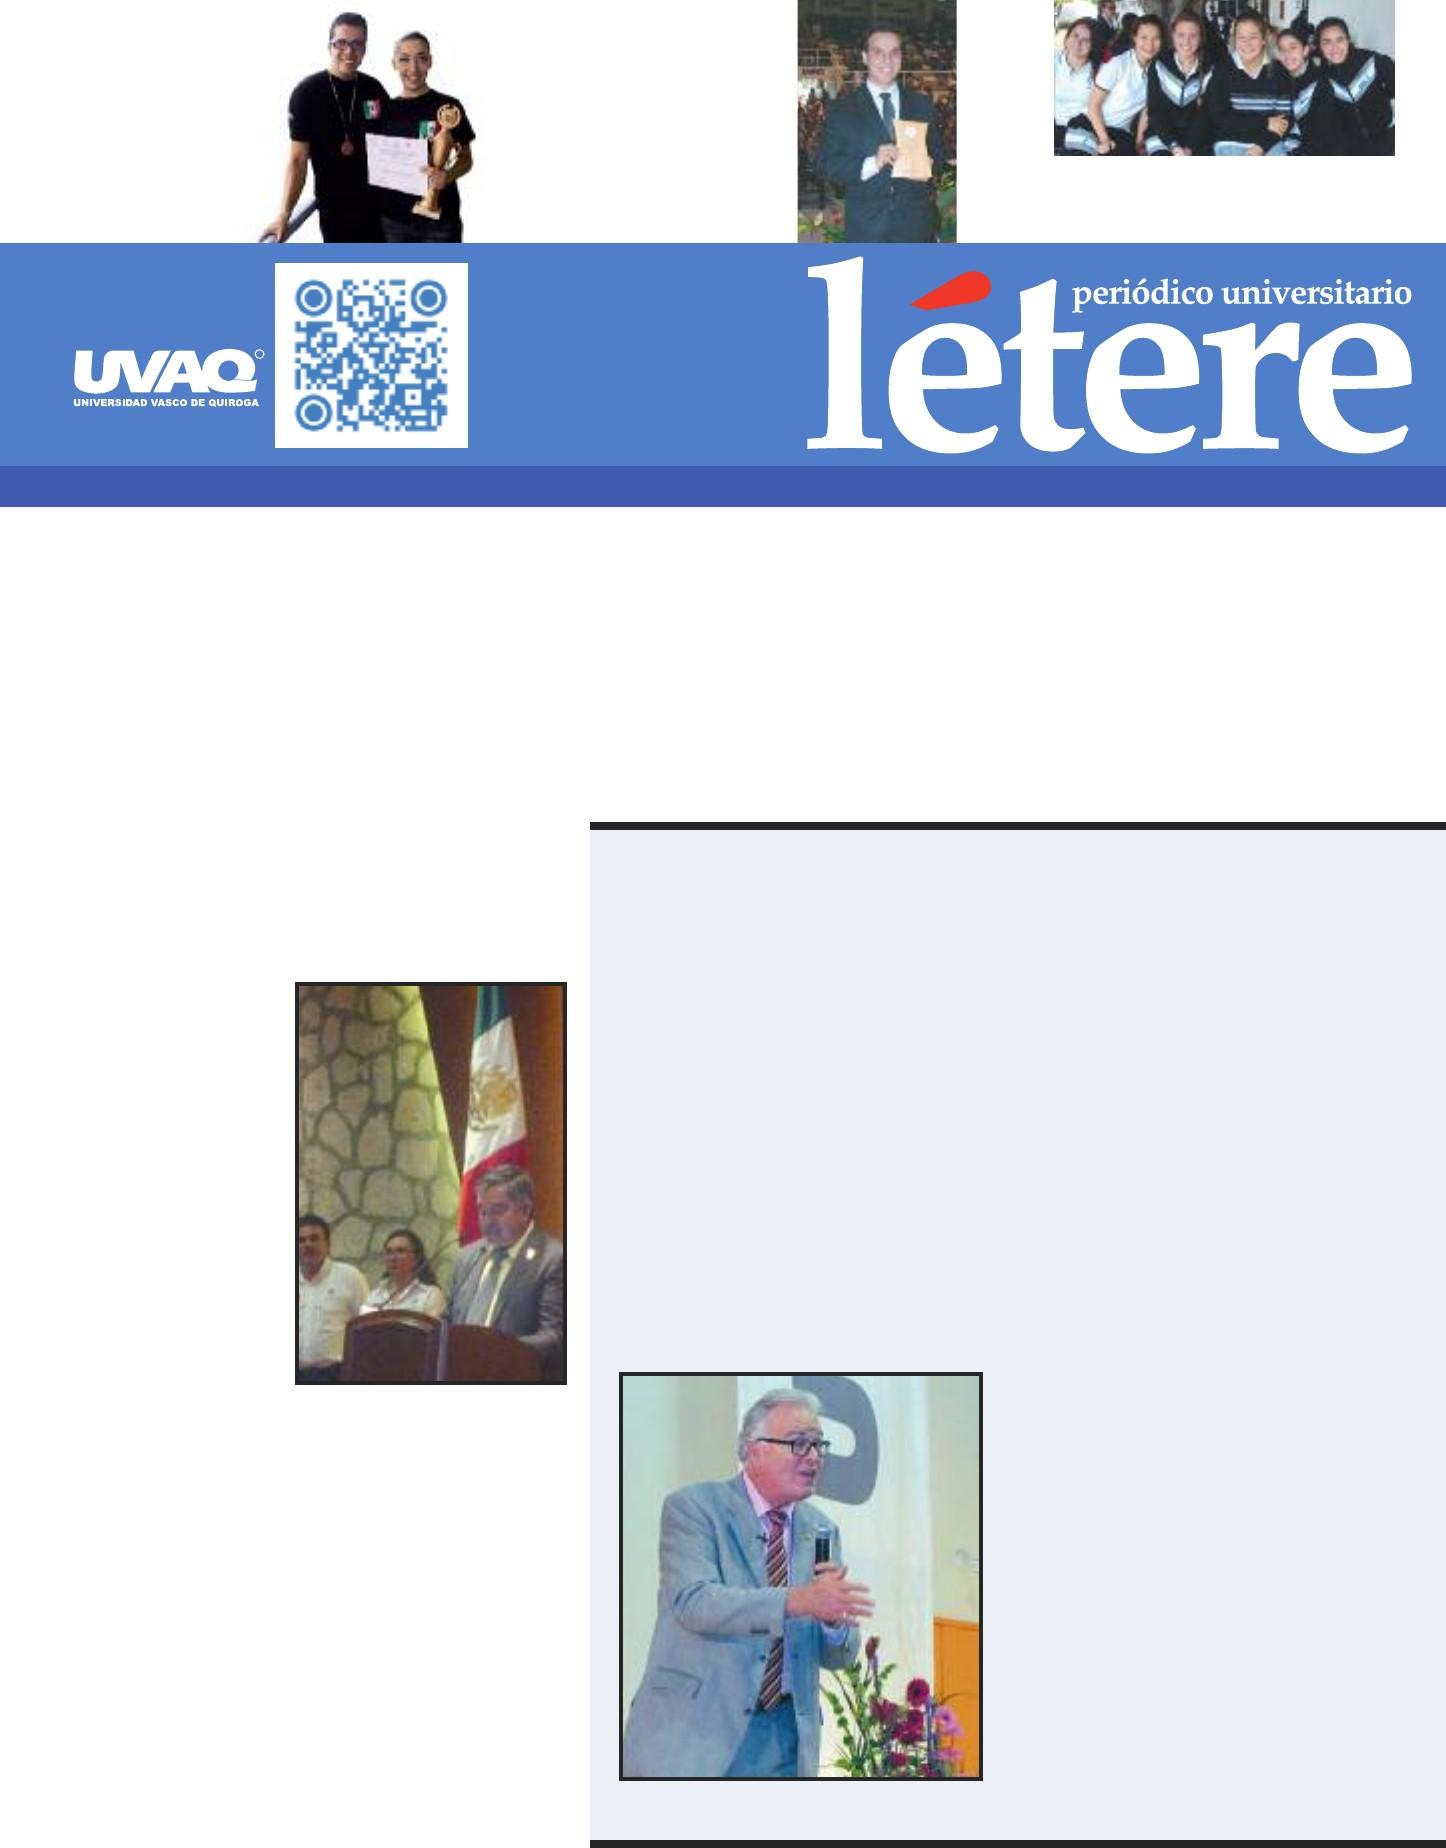 Calendario Laboral 2020 Zaragoza Pdf Recientes Ltere Septiembre [pdf Document]